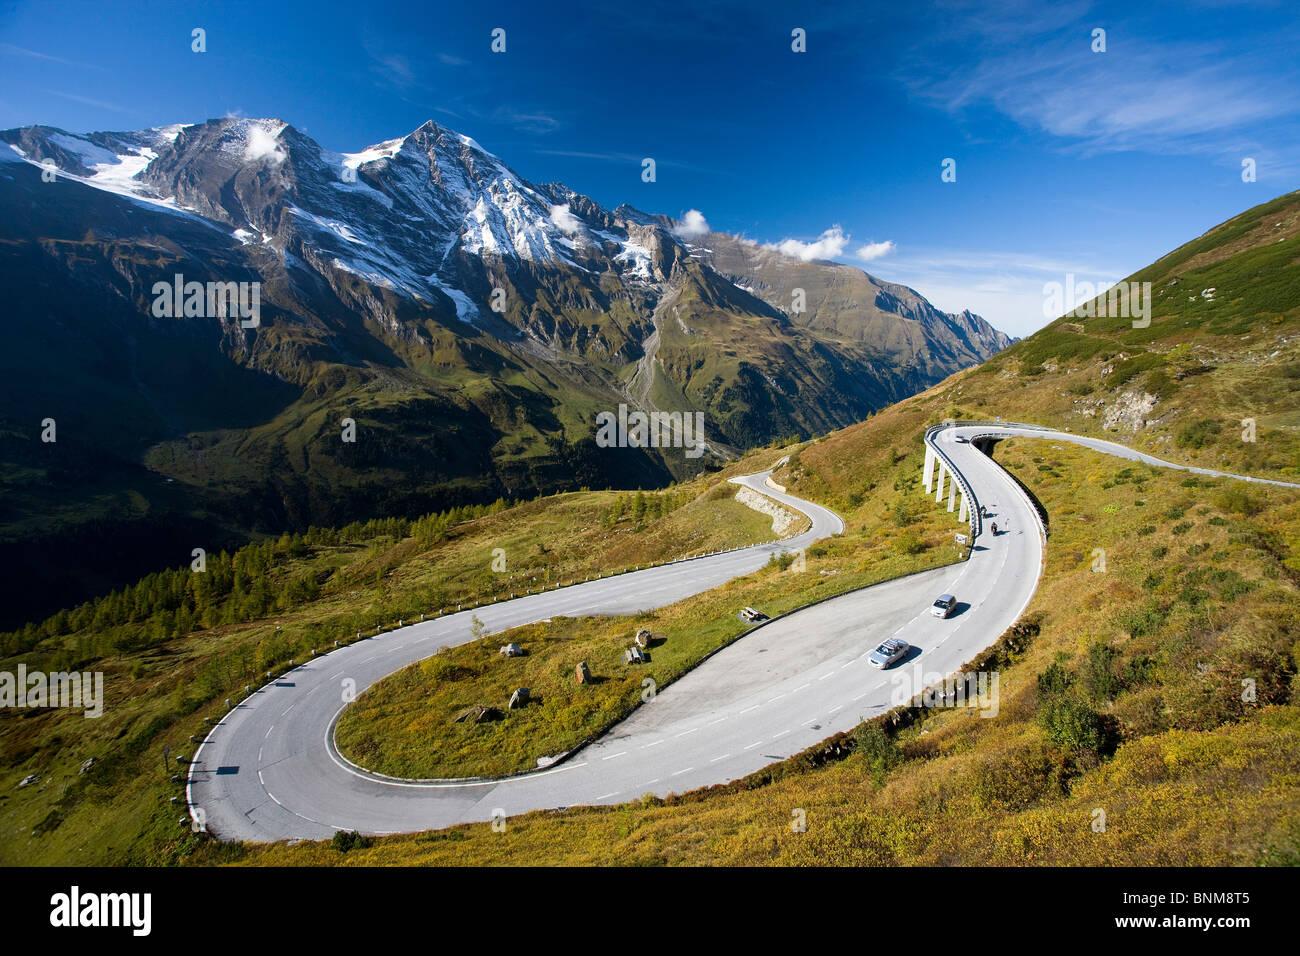 Österreich Grossglockner Pass Gebirgspass Alpen Sepentines hohen Tauern Berge Ferien Reisen, Stockbild